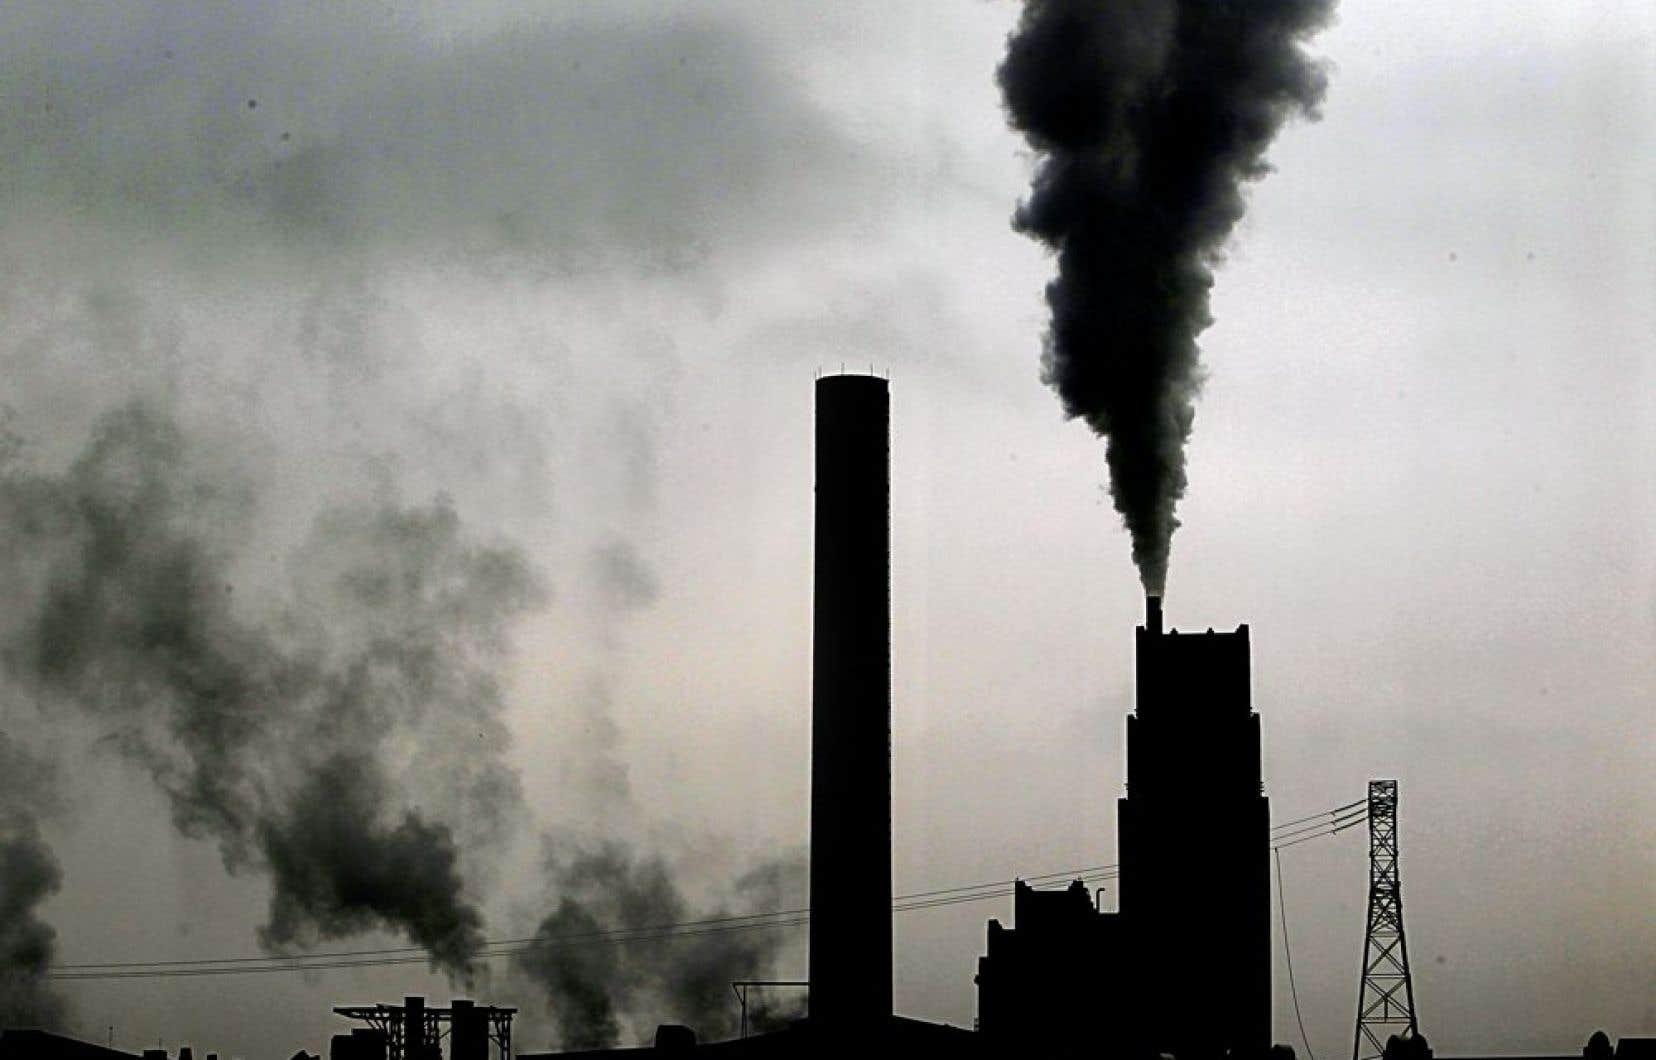 Cette estimation confirme que la pollution de l'air est désormais le principal risque environnemental pour la santé dans le monde.